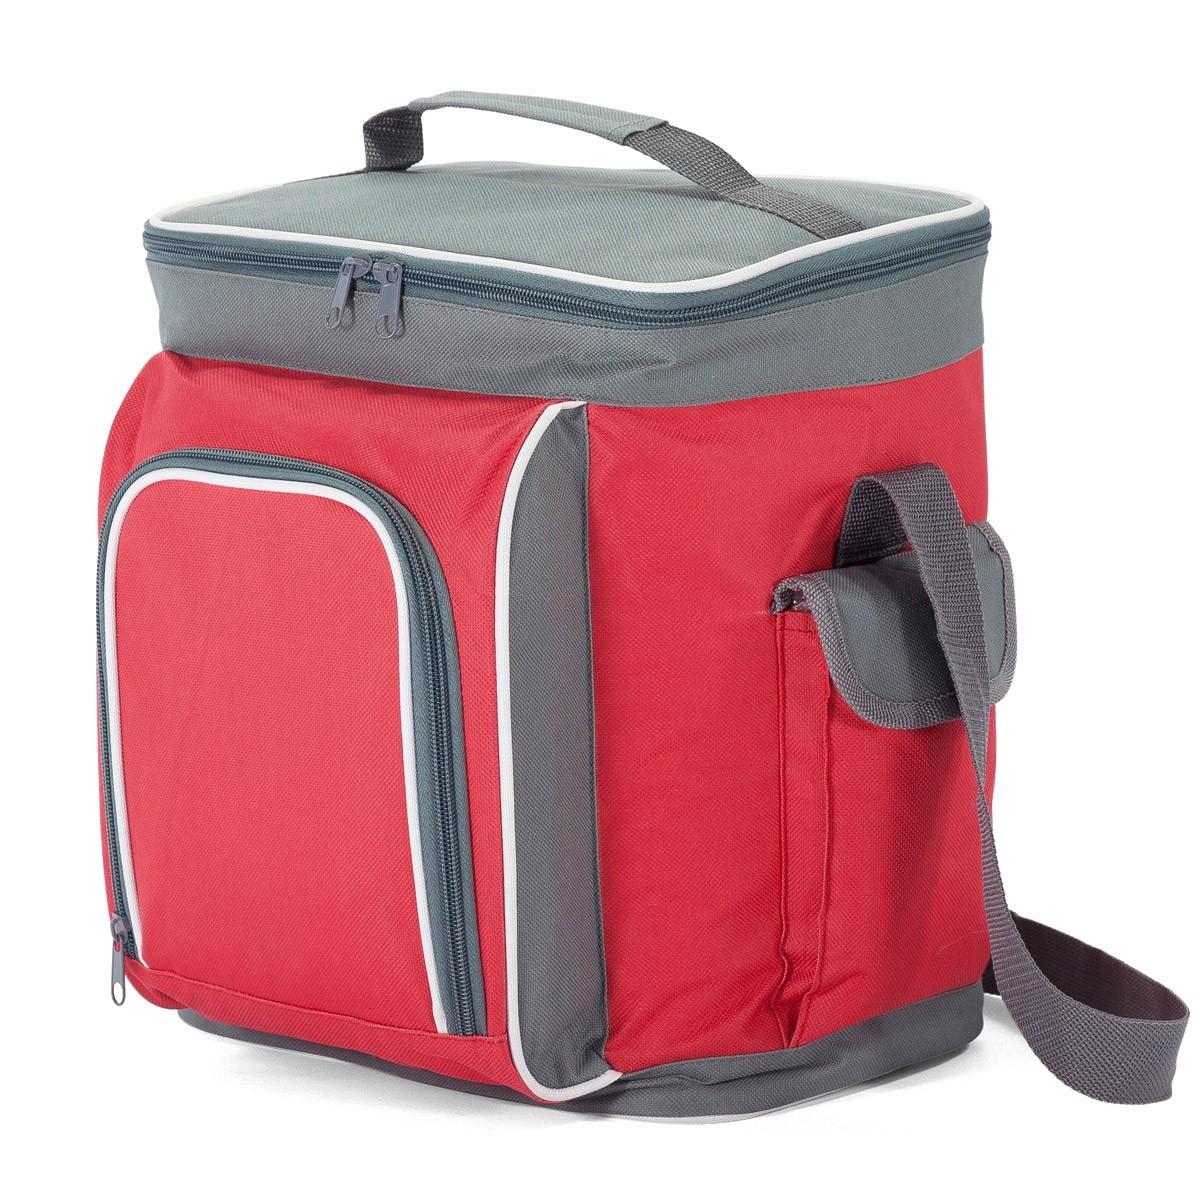 Ισοθερμική Φορητή Τσάντα (22Lit) Benzi 5140 Red home   θαλάσσης   gadget παραλίας